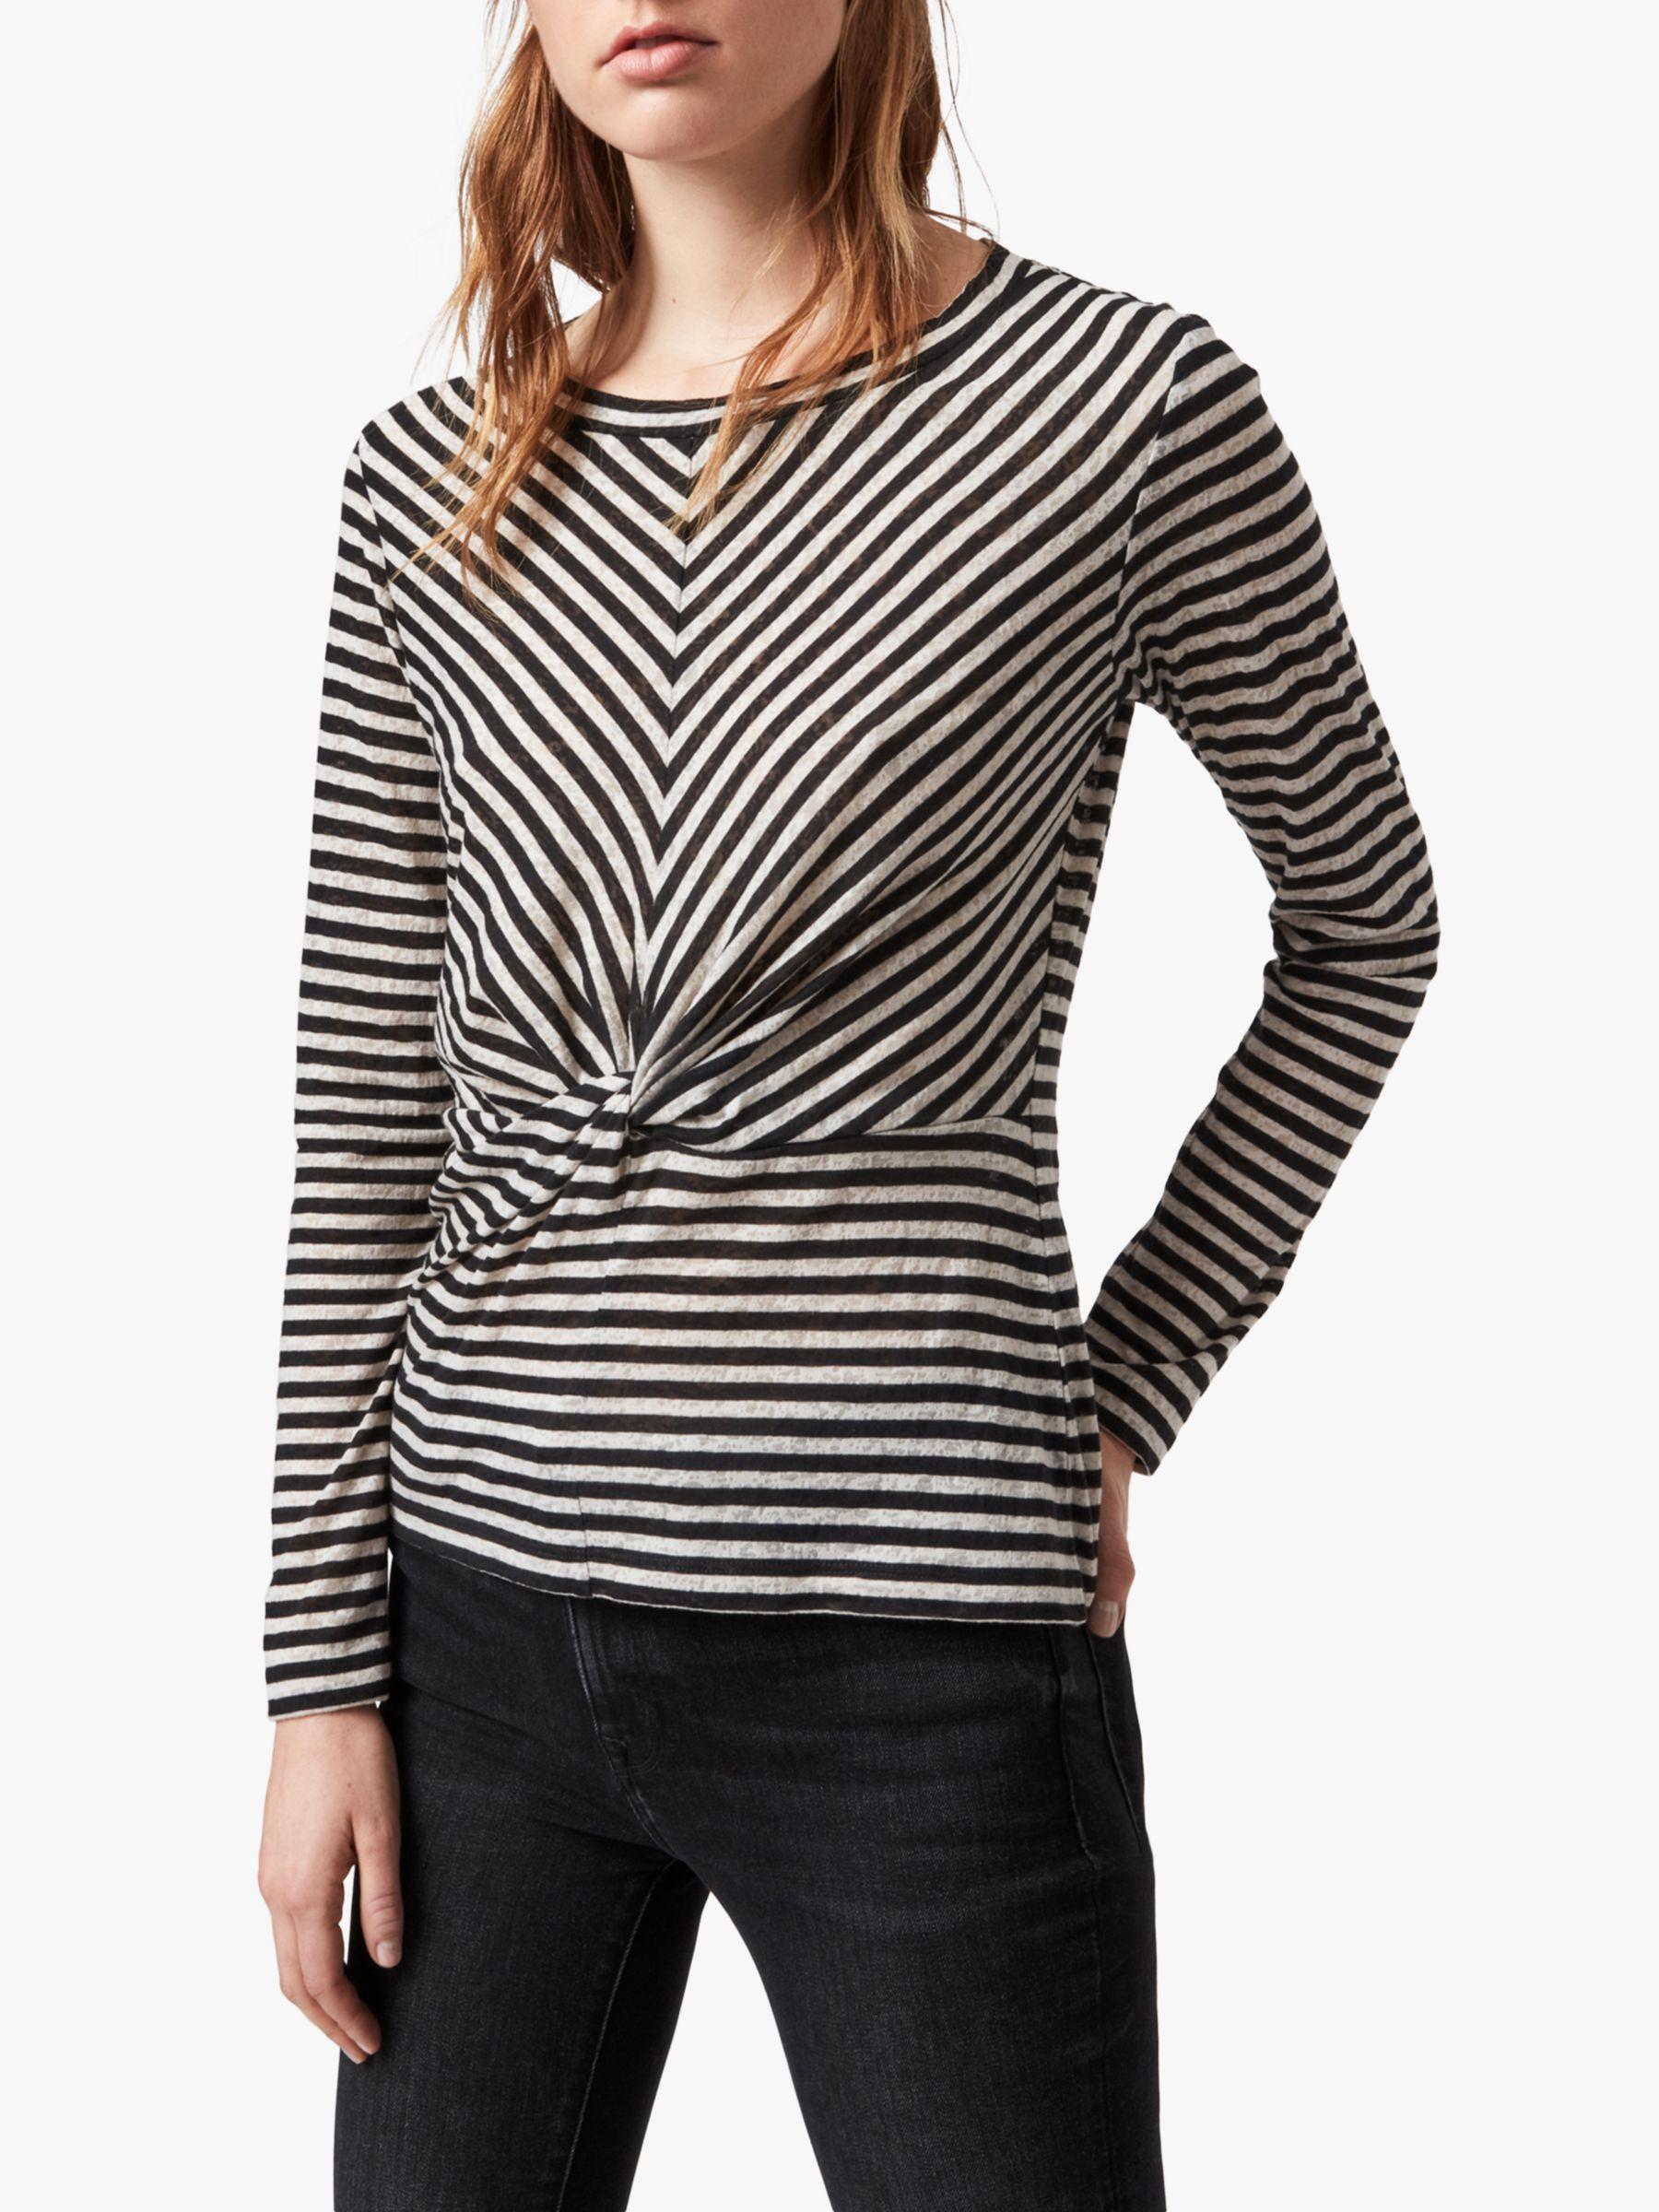 AllSaints AllSaints Jess Long-Sleeve Stripe Top, Chalk/Ink Blue